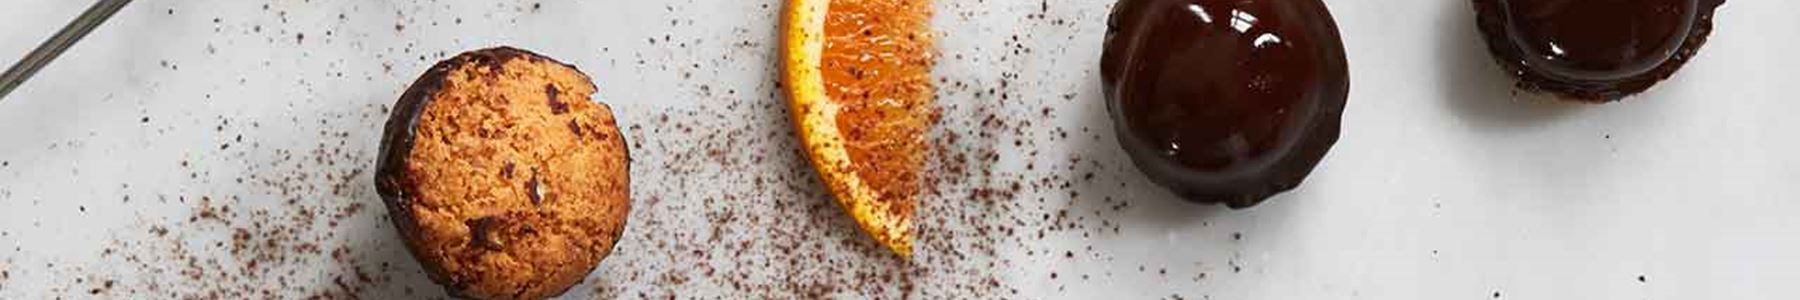 Kalorisnål + Apelsin + Choklad